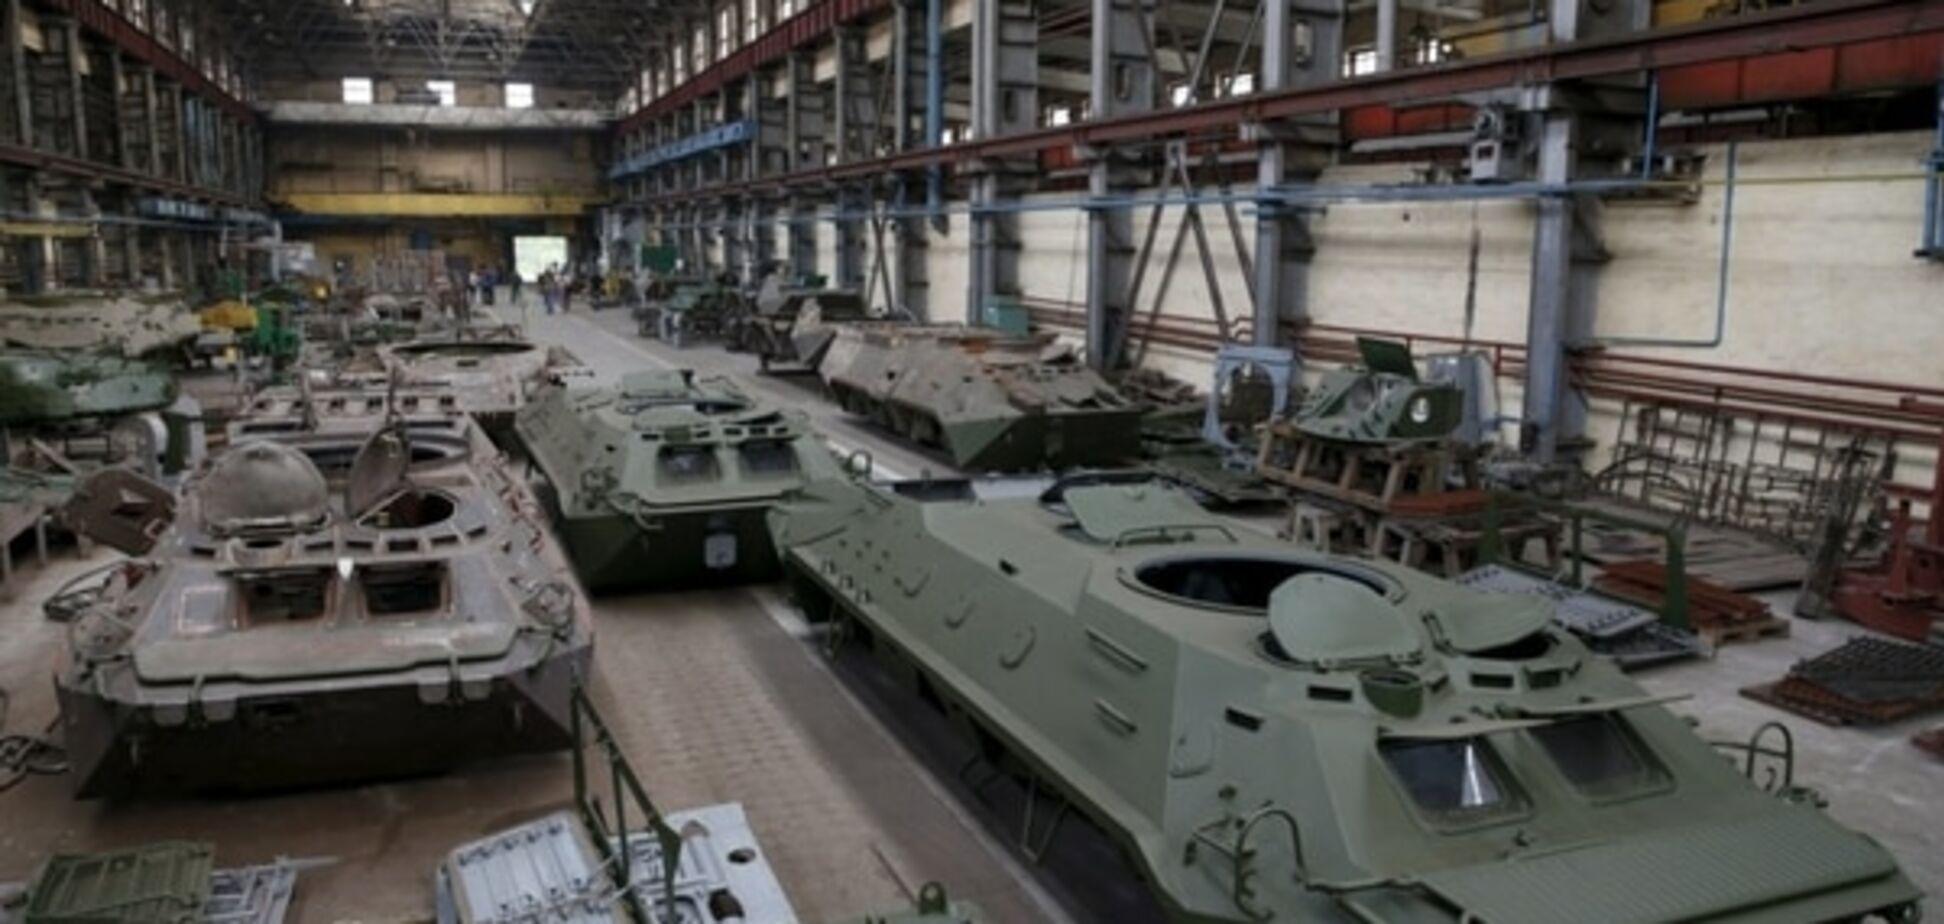 Підбиті замість нових: у Харкові 'наварили' 10 млн грн на фальшивому ремонті 'броні'